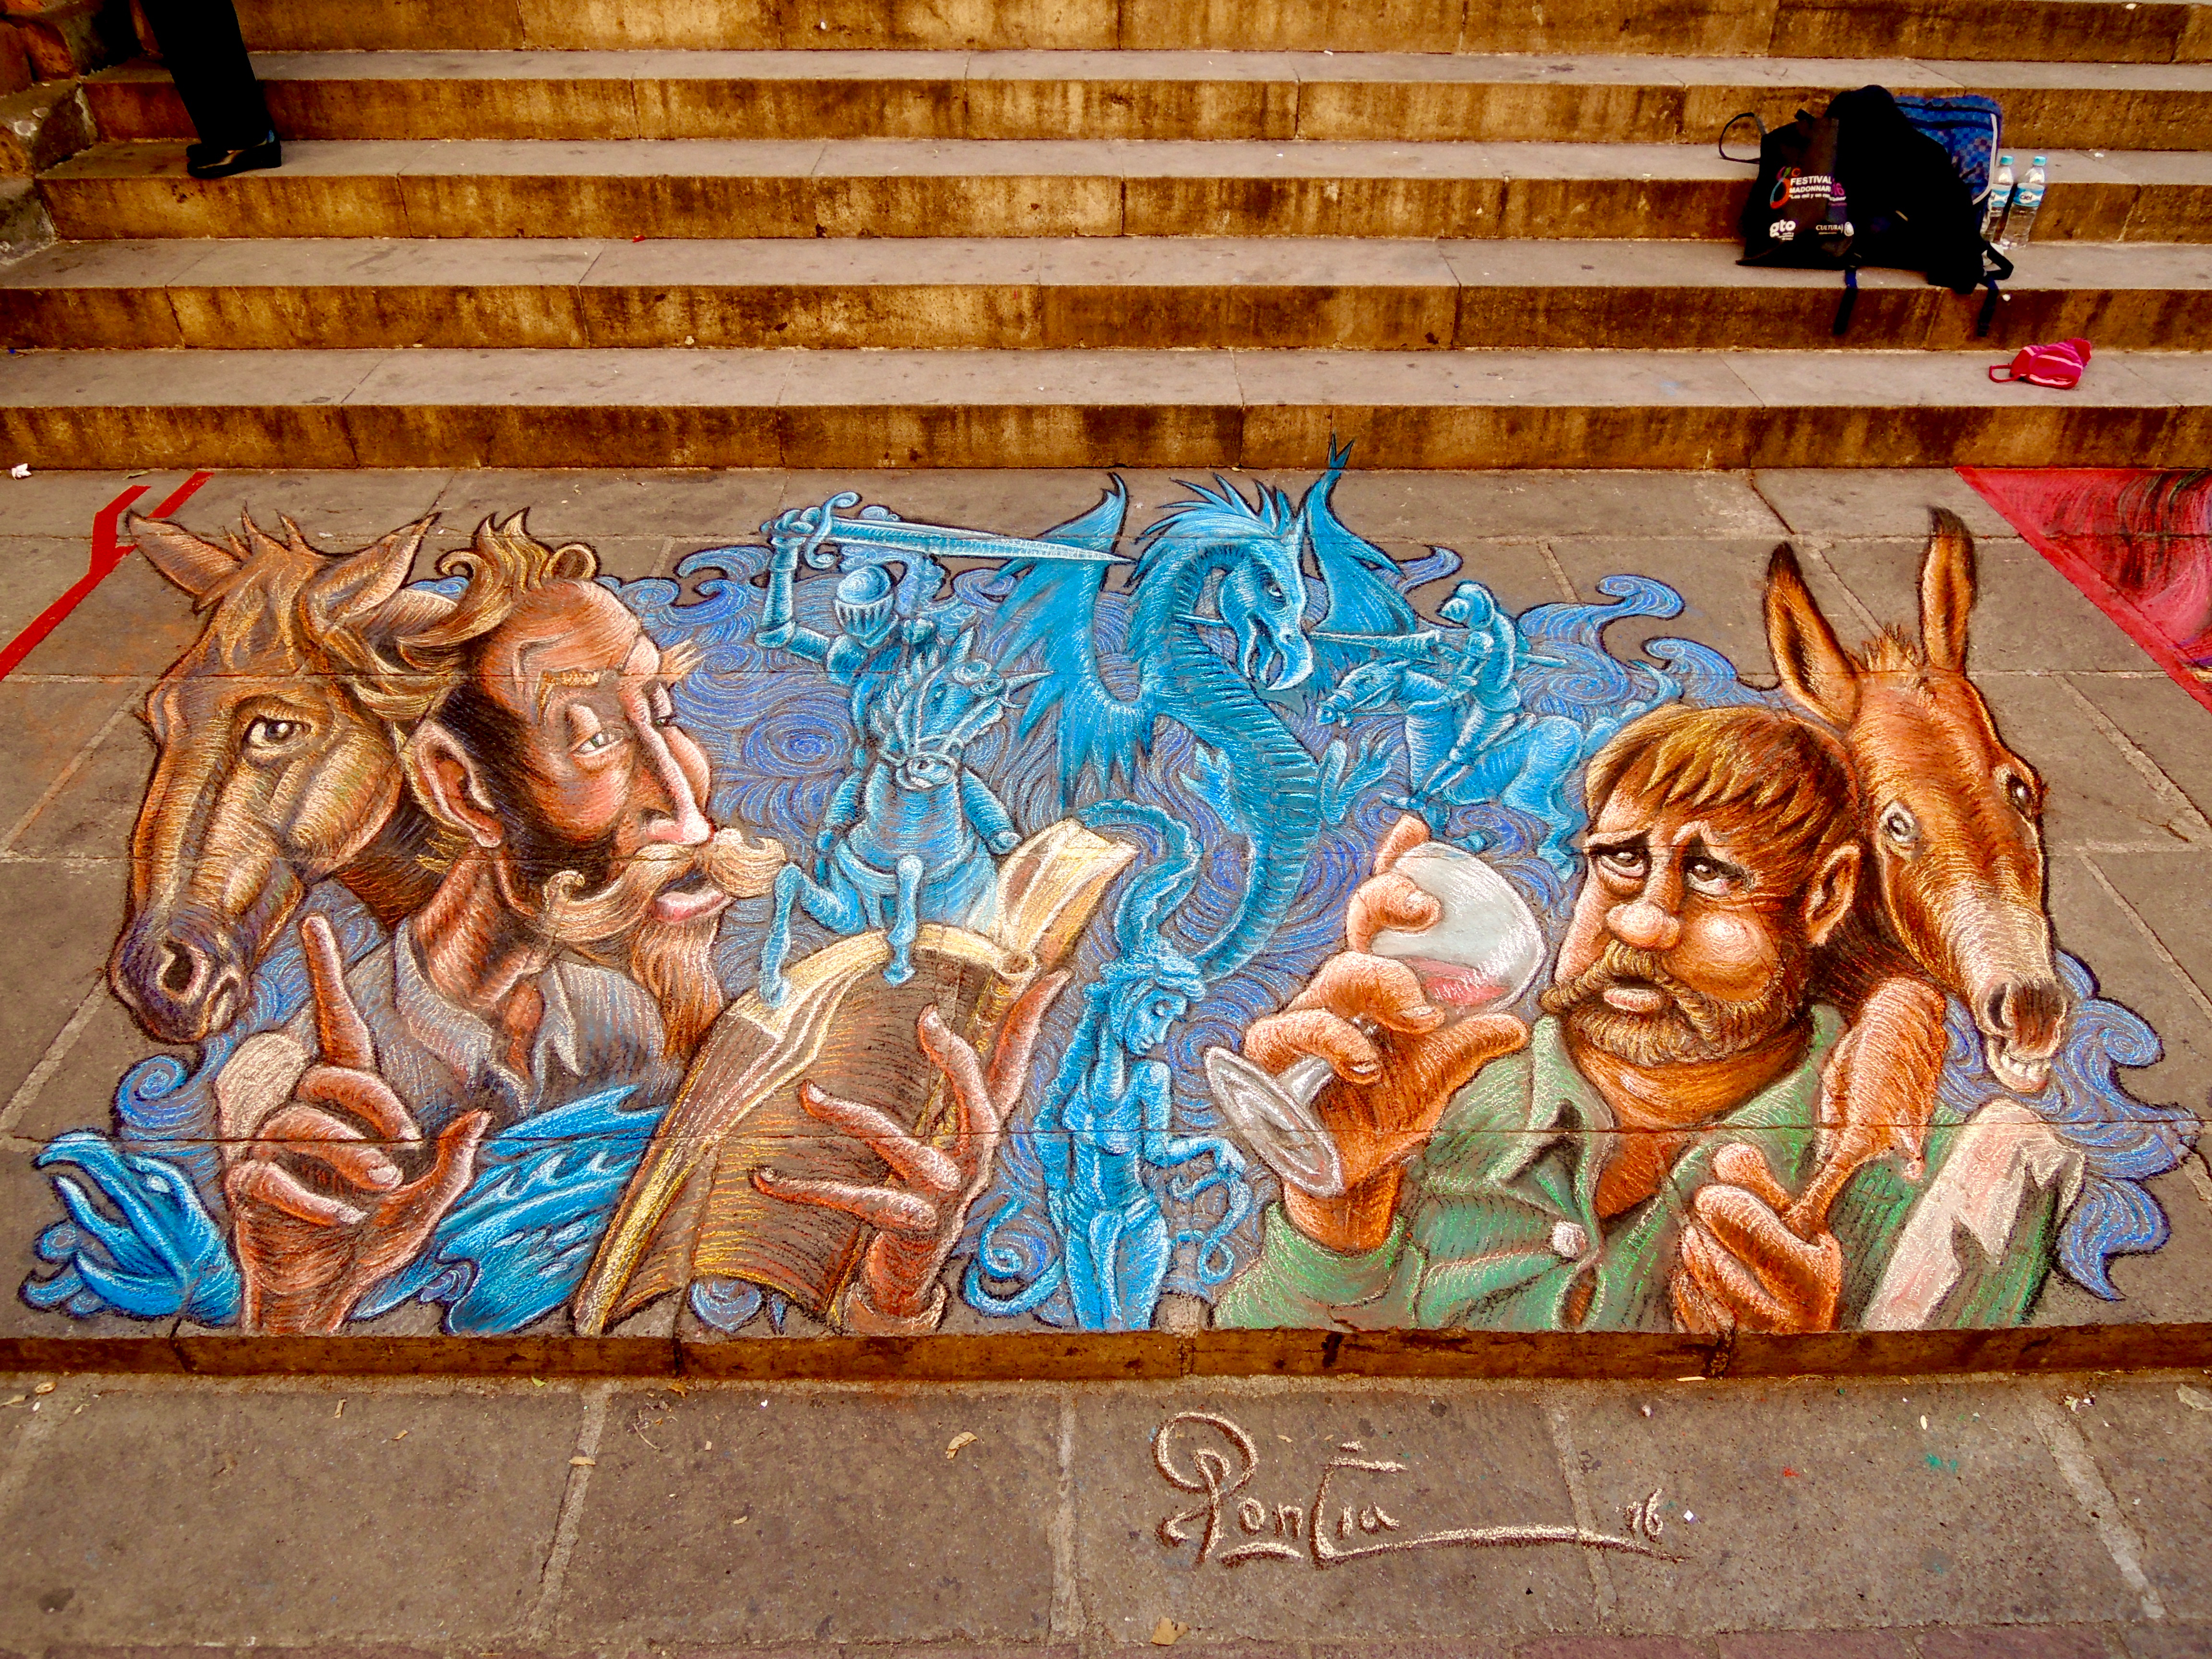 Streetartværk af Pocia